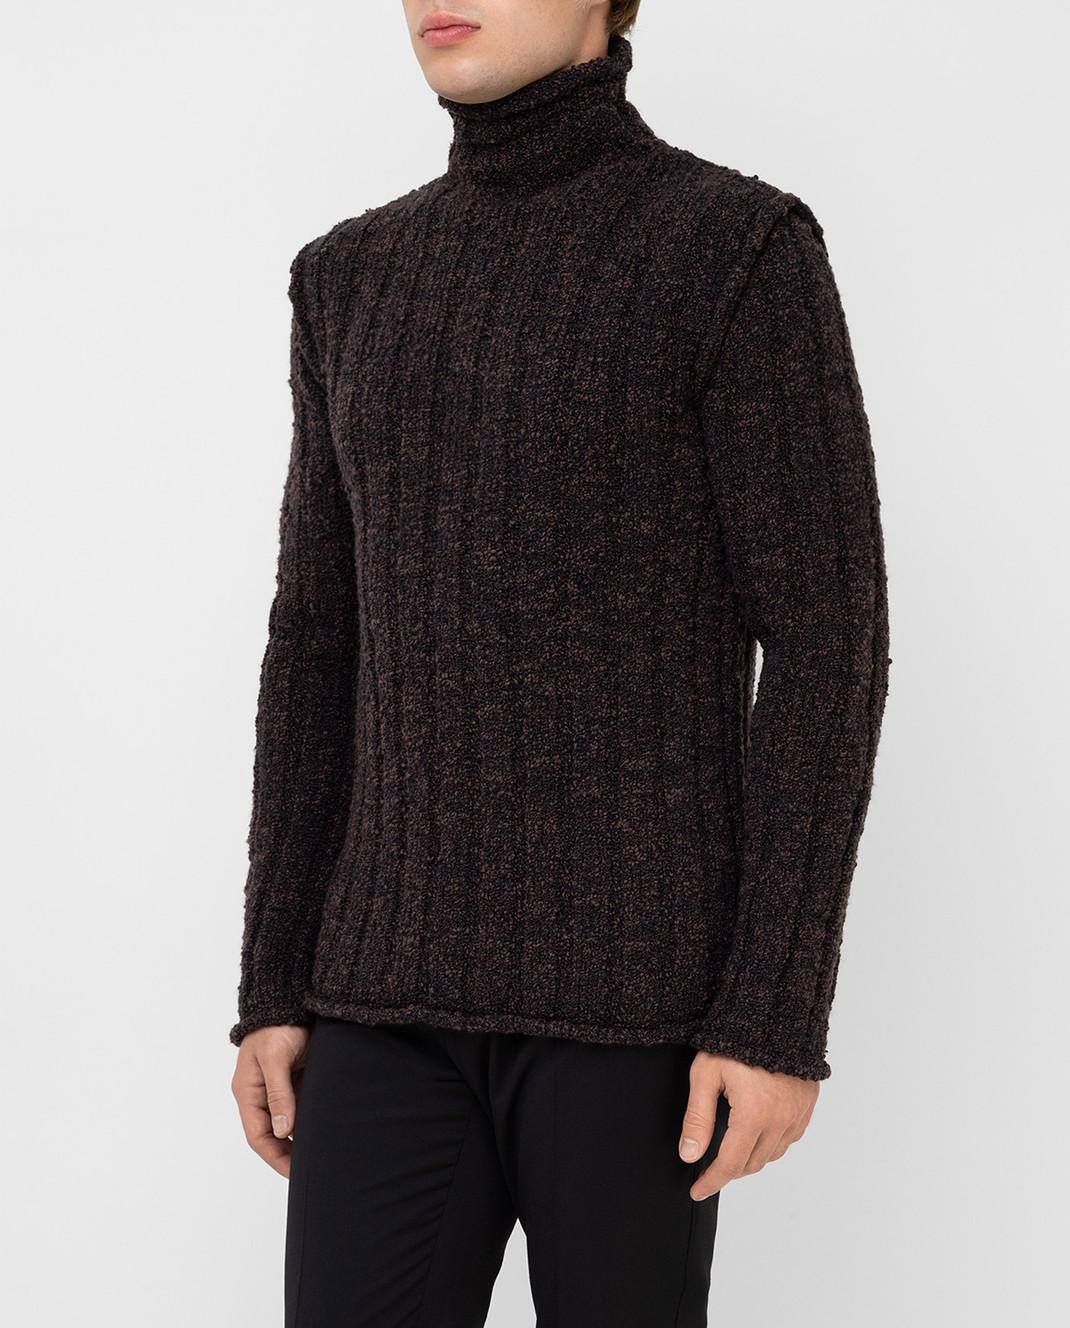 Dolce&Gabbana Коричневый свитер из шерсти изображение 3